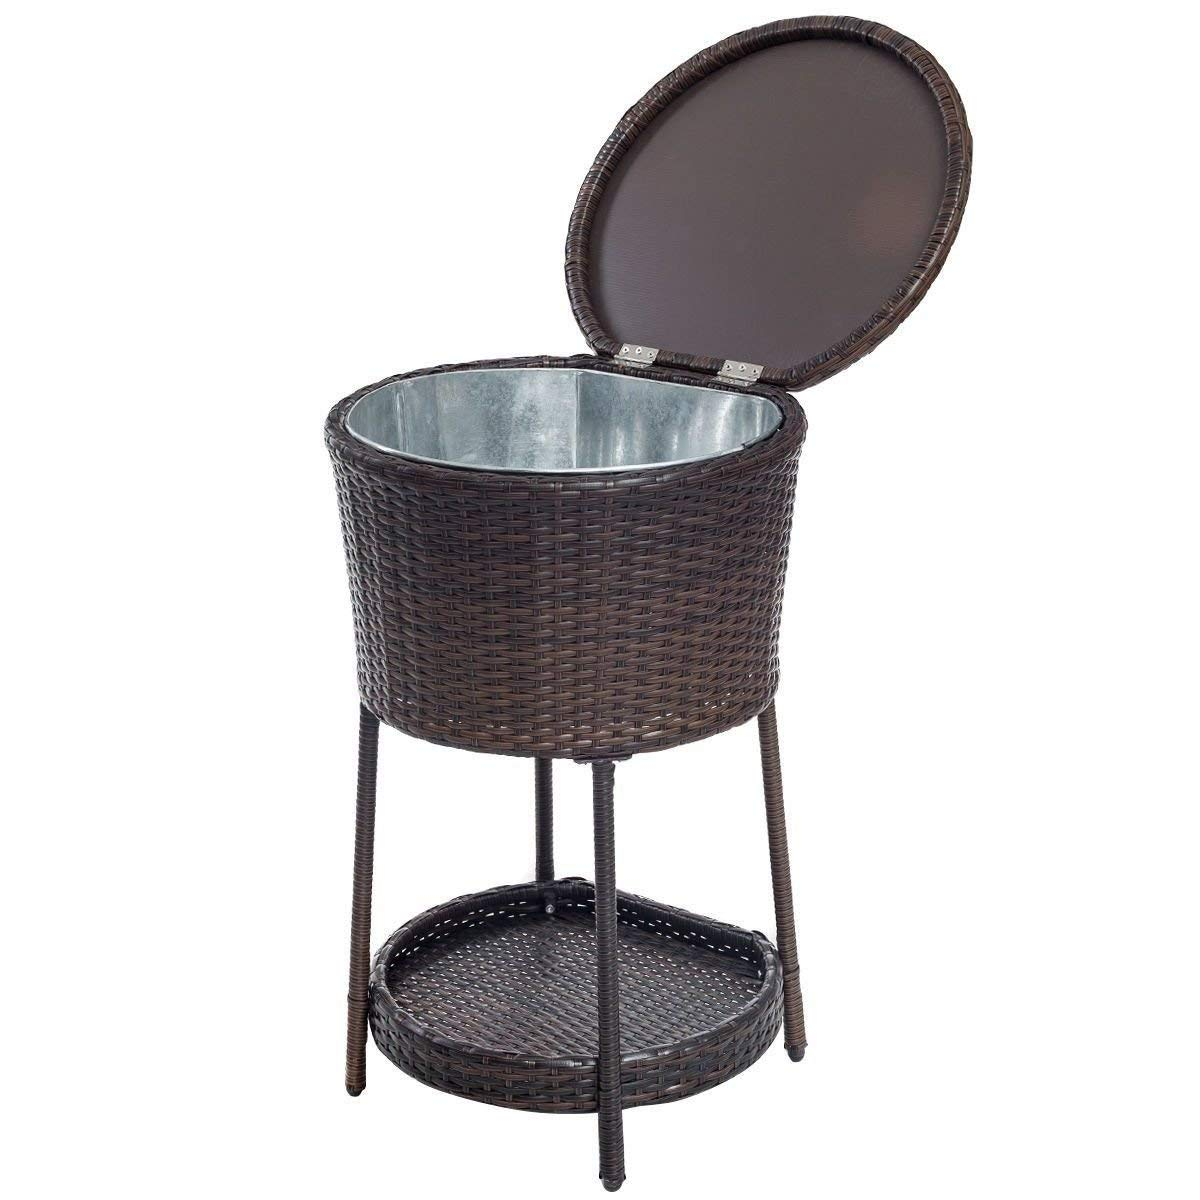 Get Quotations · Brown Resin Wicker Outdoor Patio Cooler Ice Bucket Chest  Bin Beer Tub Weather Resistant Patio Furniture